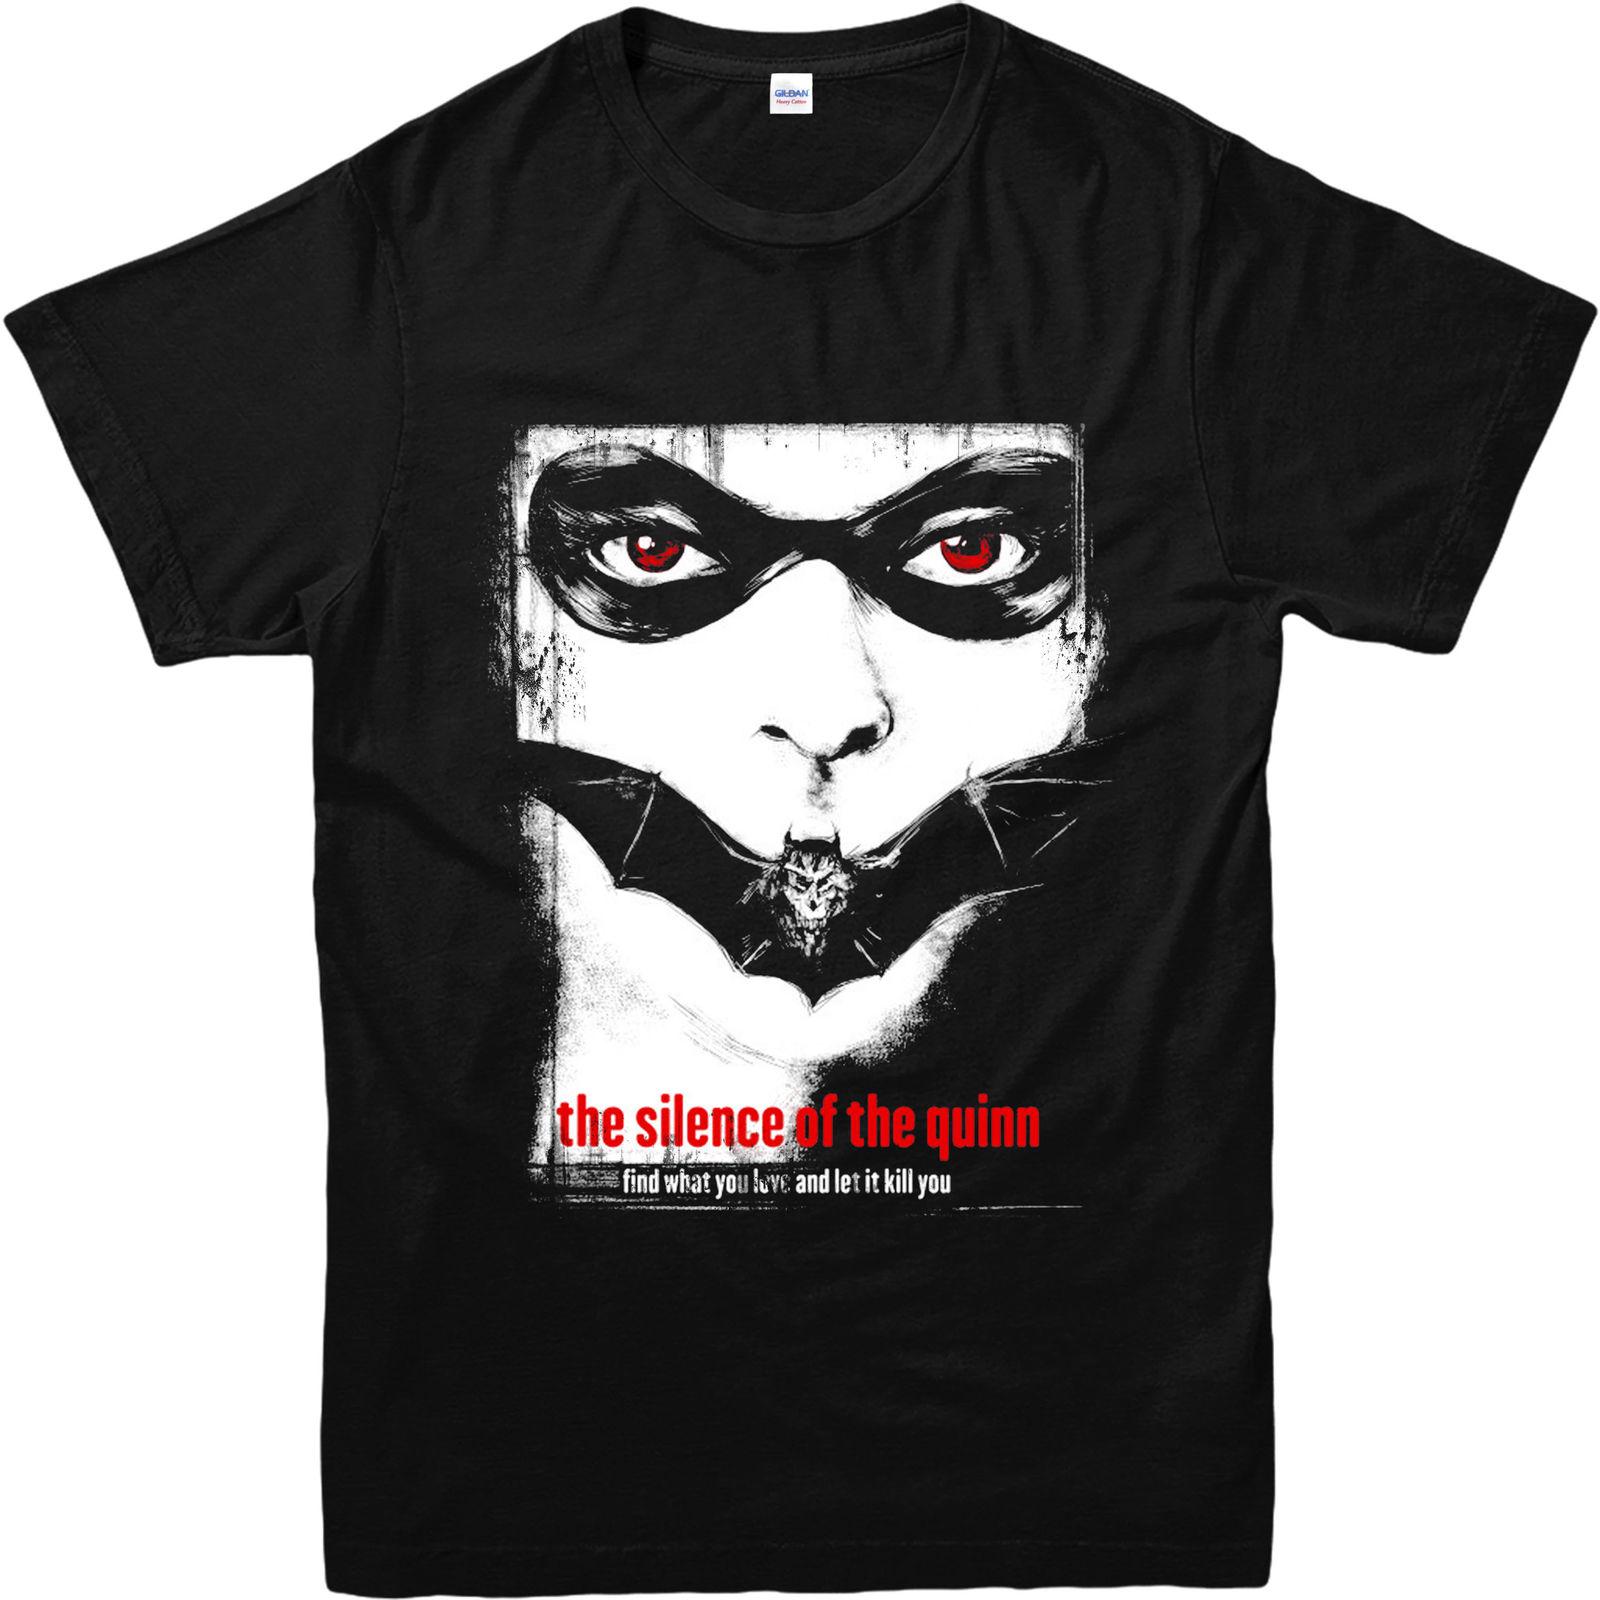 Футболка Харли Куинн, прикольная футболка тишина ягнята Вдохновленный Дизайн Top2019 модный бренд 100% хлопок с круглым вырезом